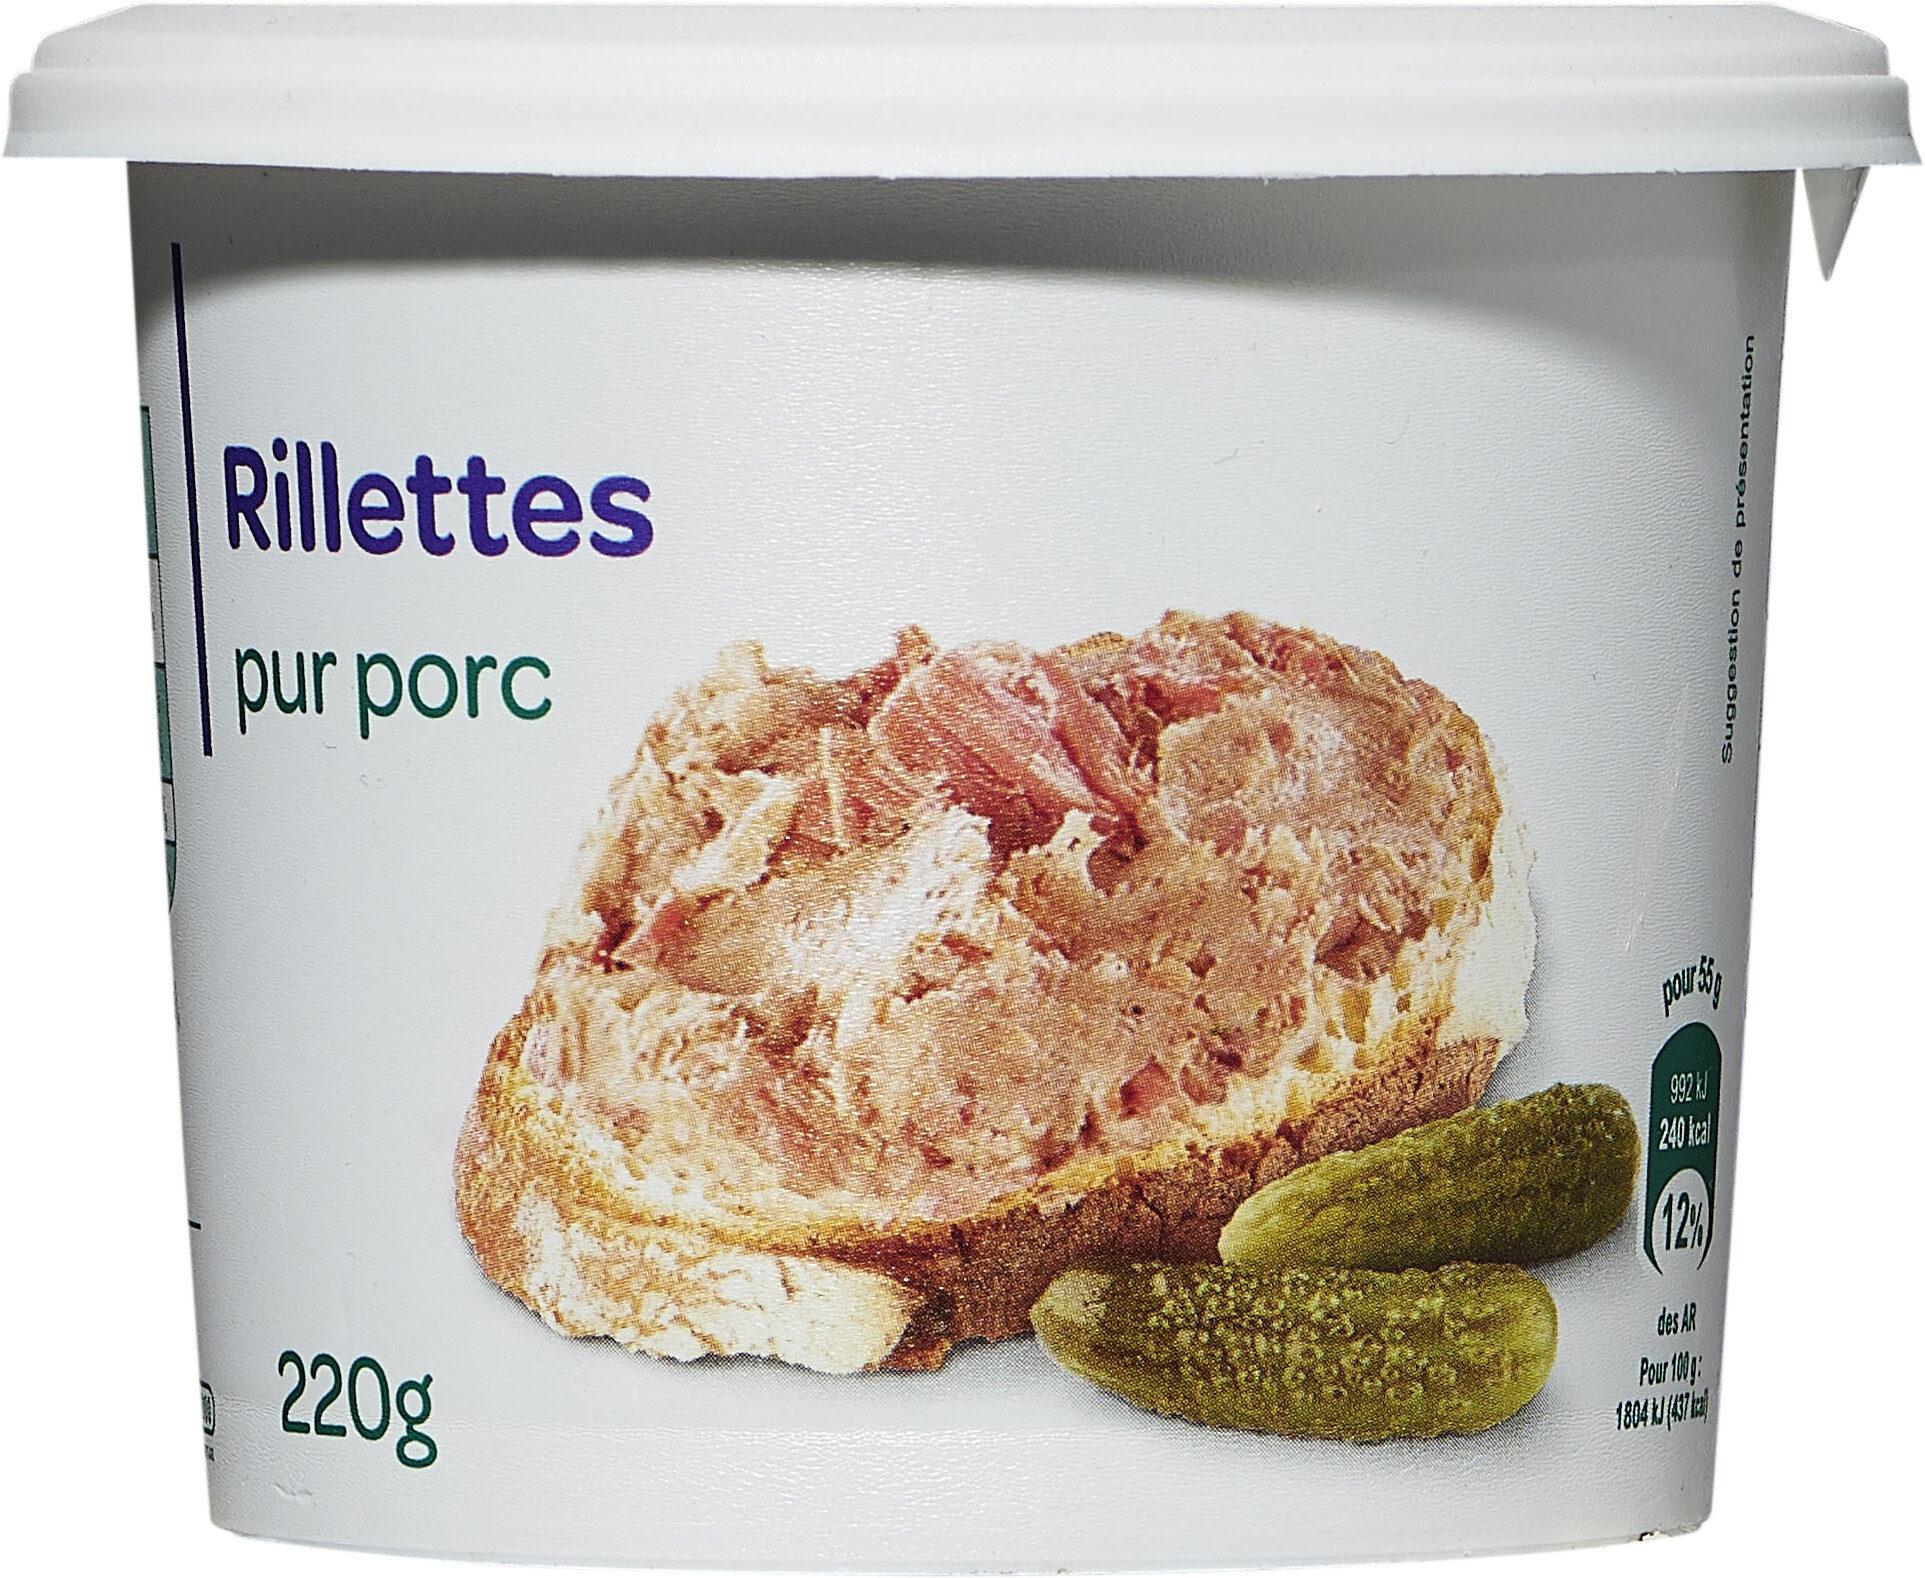 Rillettes pur porc - Produit - fr